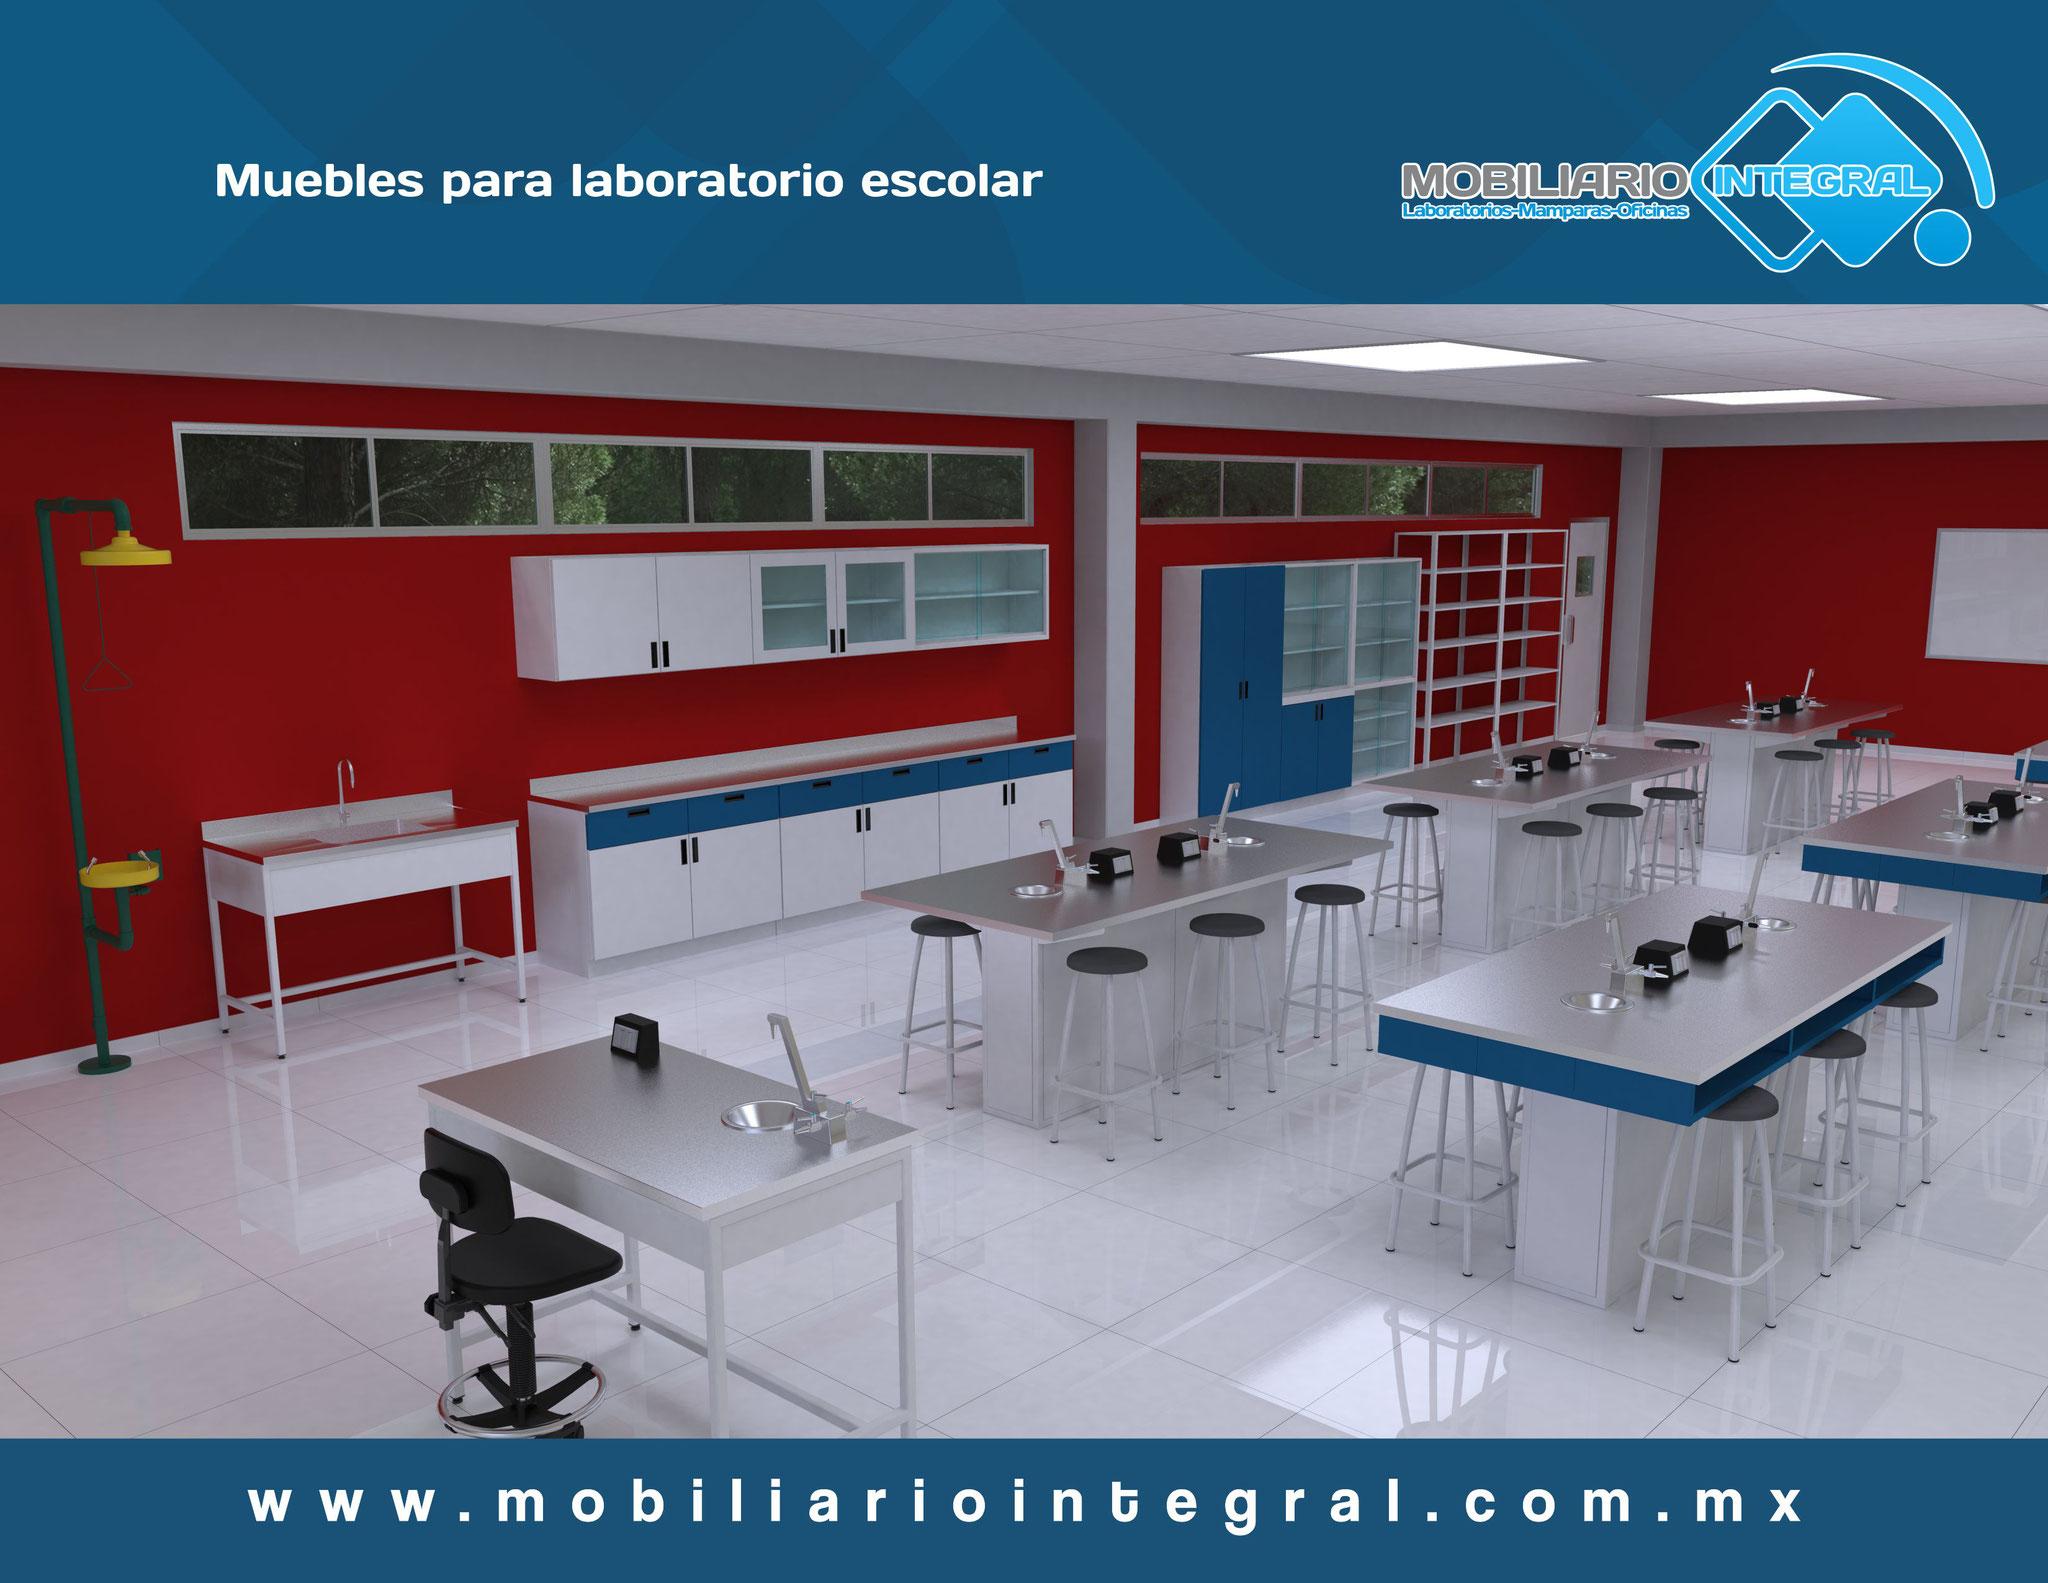 Muebles para laboratorio escolar Zacatecas